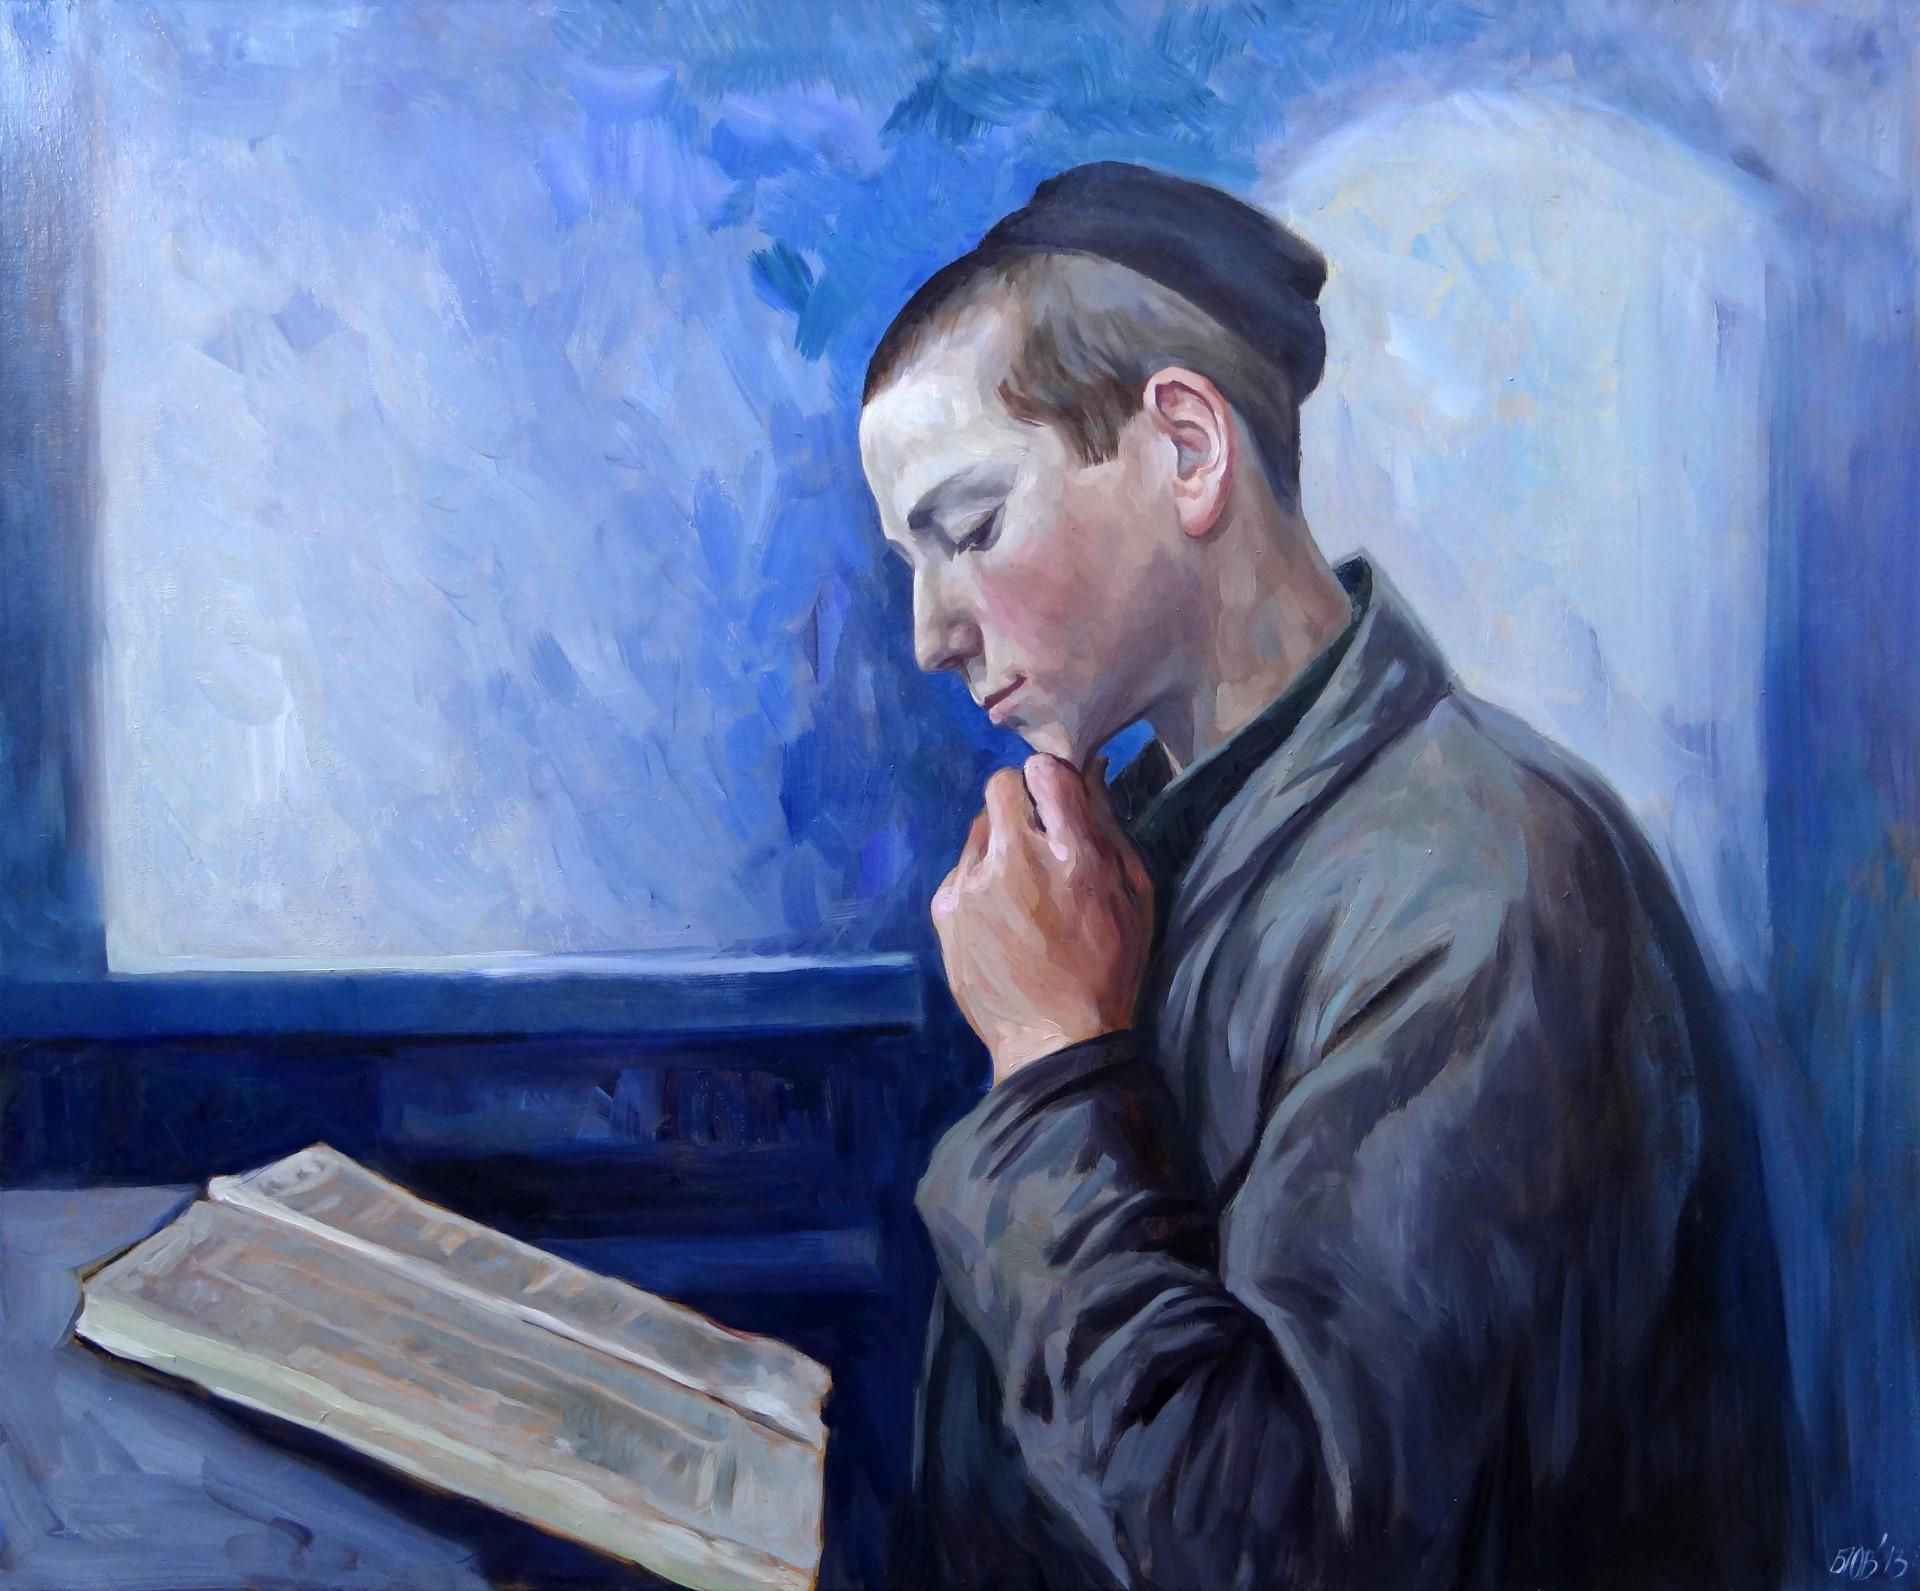 Gemälde von Julia Belot: Lesender Junge, Öl auf Leinwand, 100 cm x 120 cm, 2013